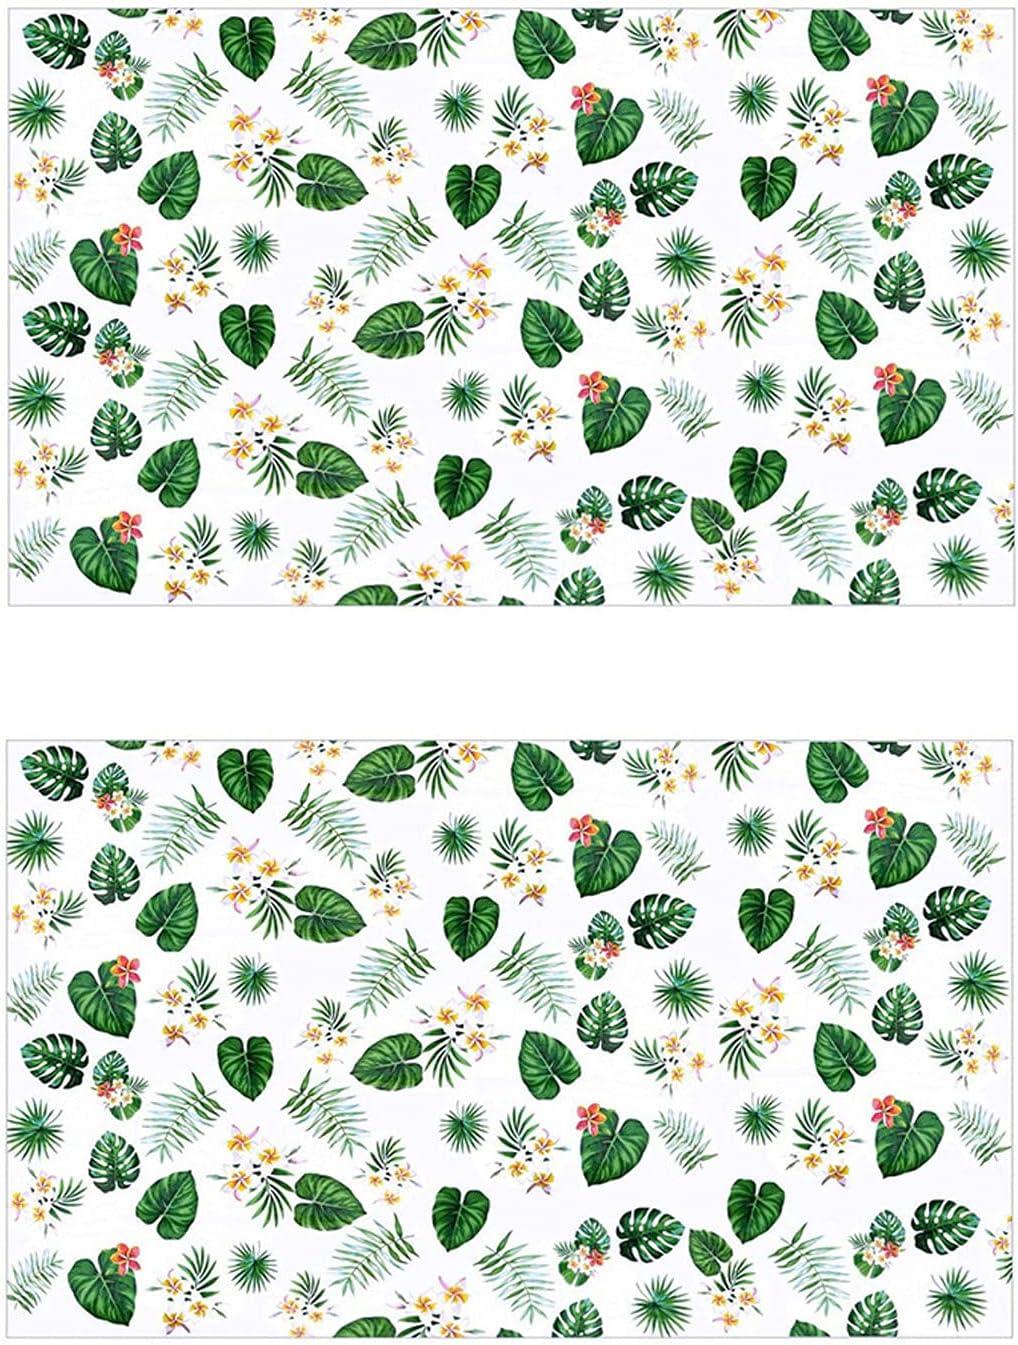 2 Piezas De Mantel Impermeable Rectangular Mantel Hawaiano Mantel De Fiesta De Hojas De Palmera Desechable El Plastico Cubiertas De Mesa Rectangulares para Piscina, Playa, NiñOs Fiesta De CumpleañOs